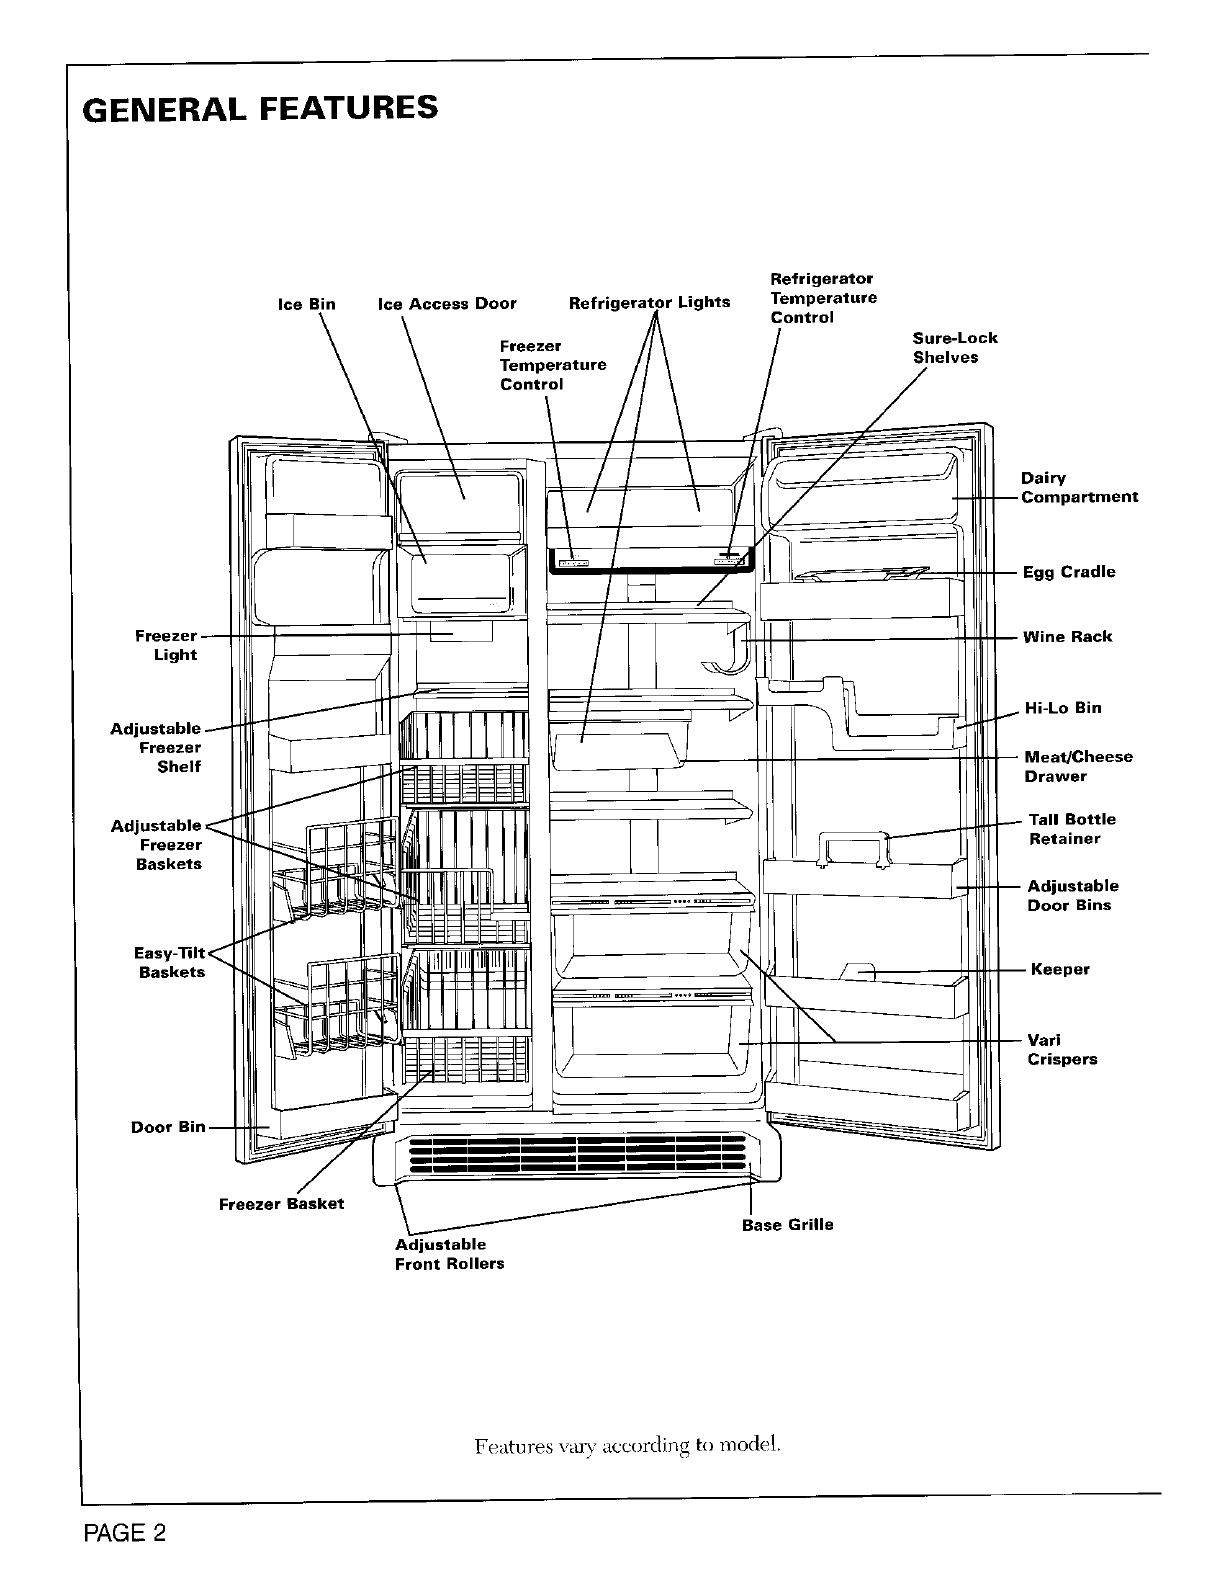 maytag refrigerator repair manual pdf